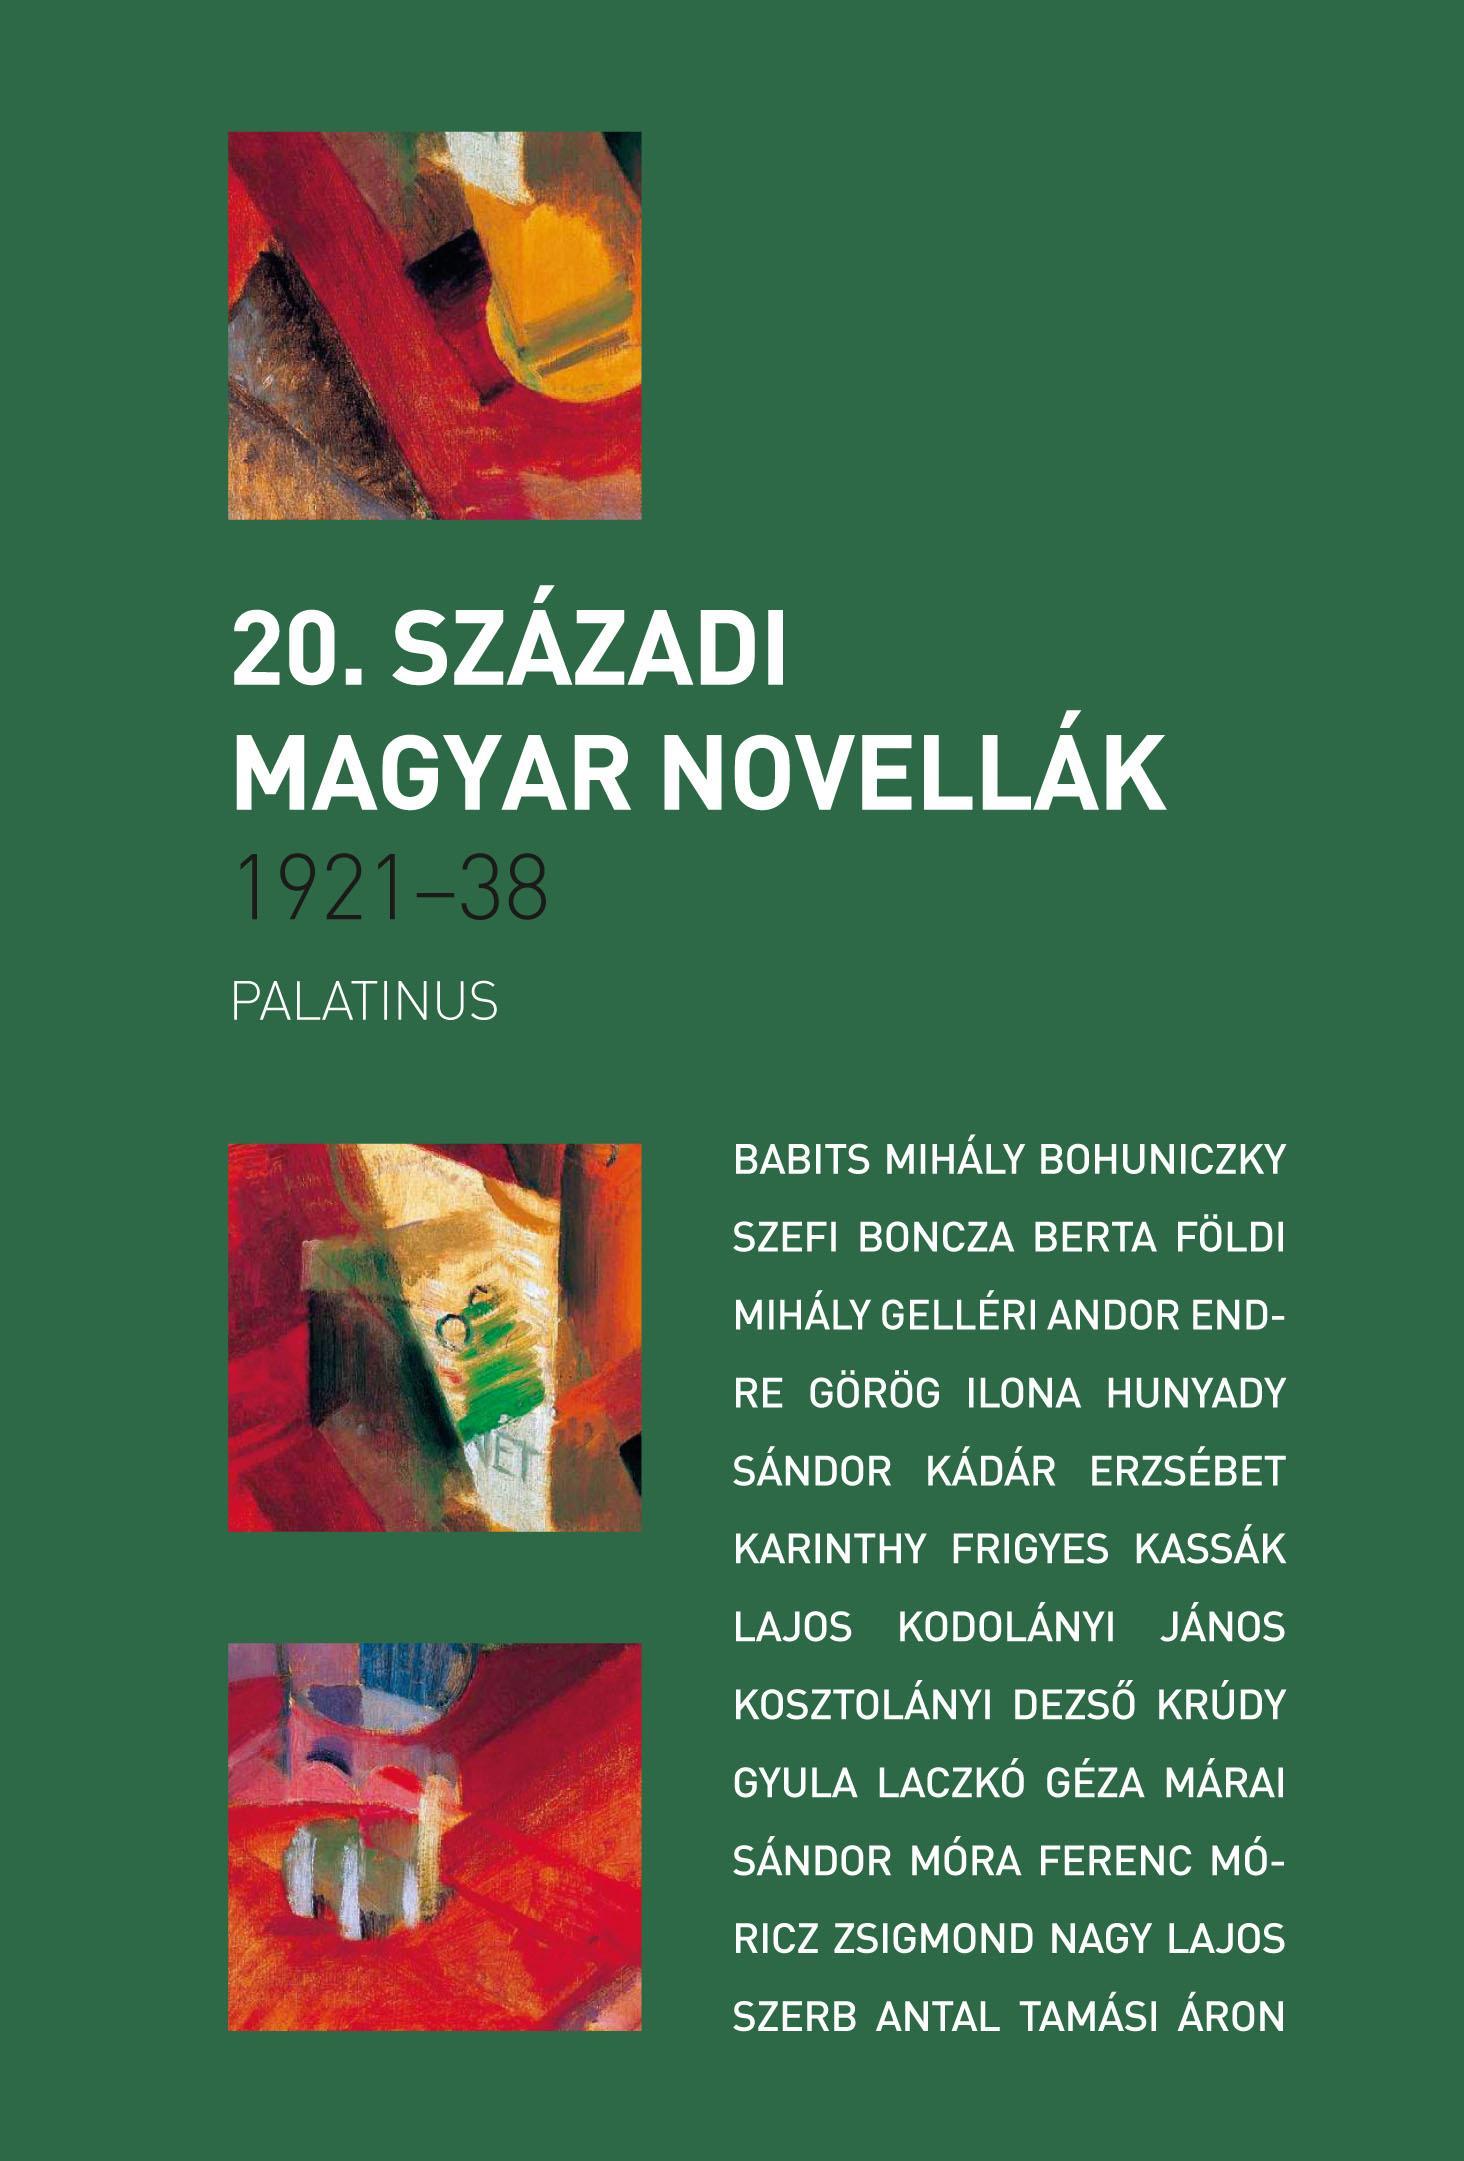 20. SZÁZADI MAGYAR NOVELLÁK 1921-1938